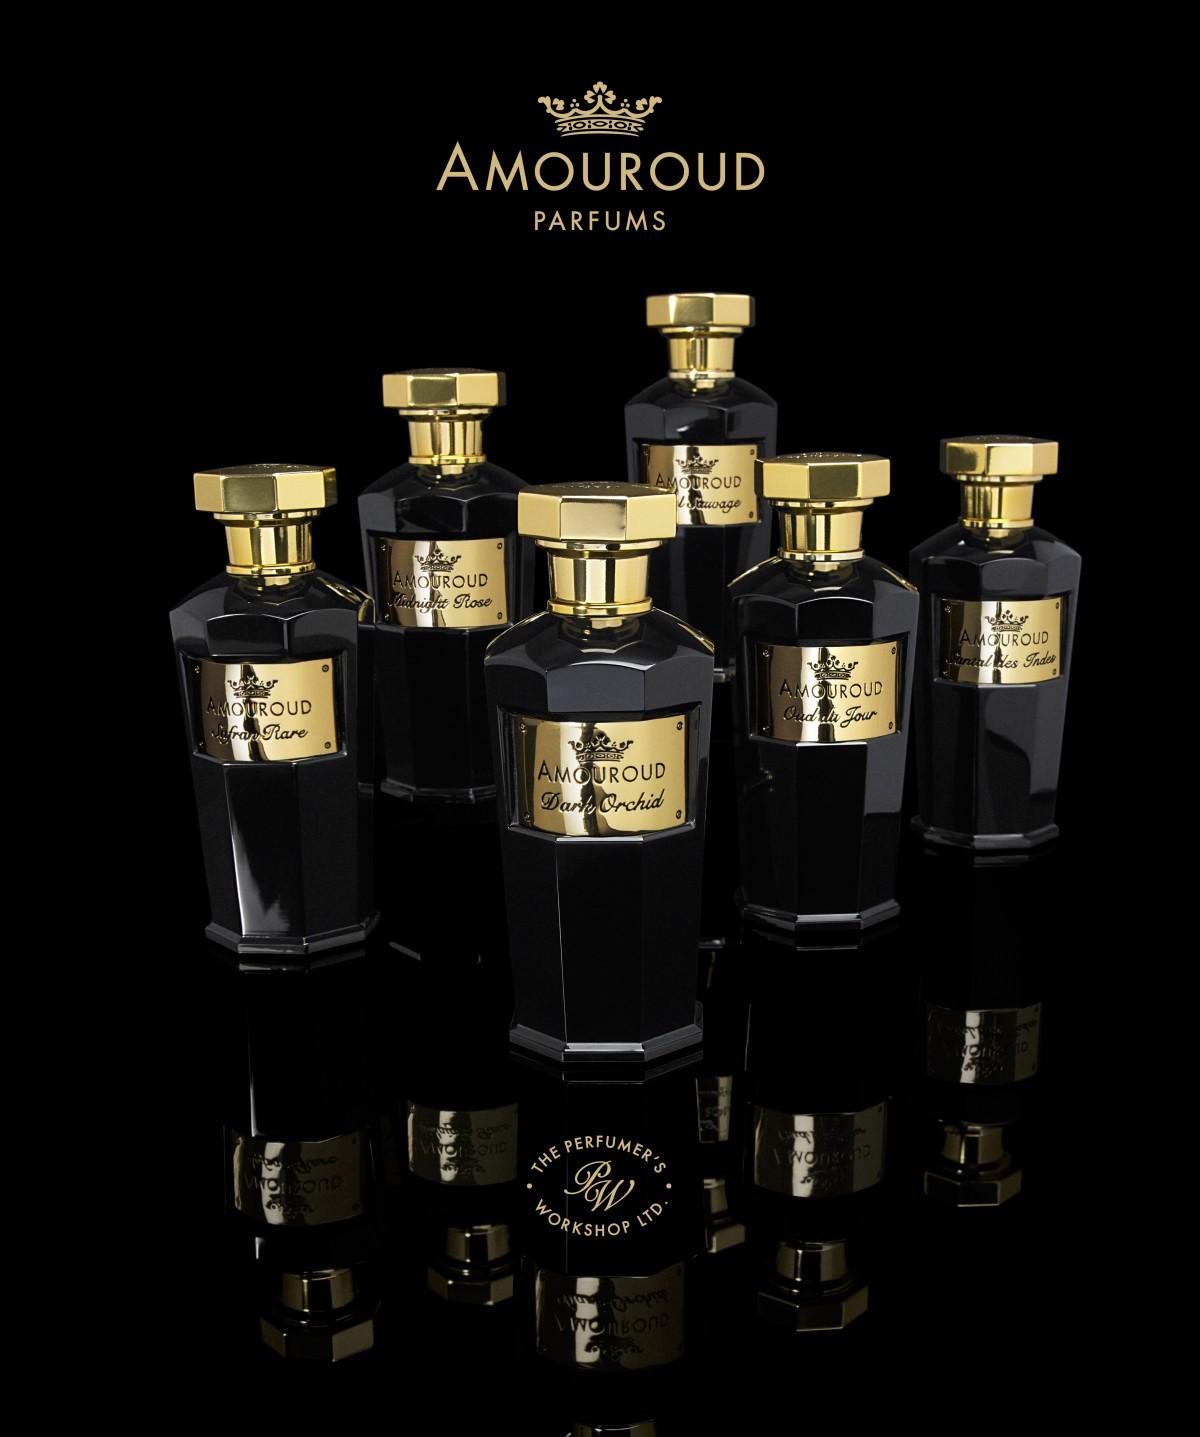 Amouroud Parfums